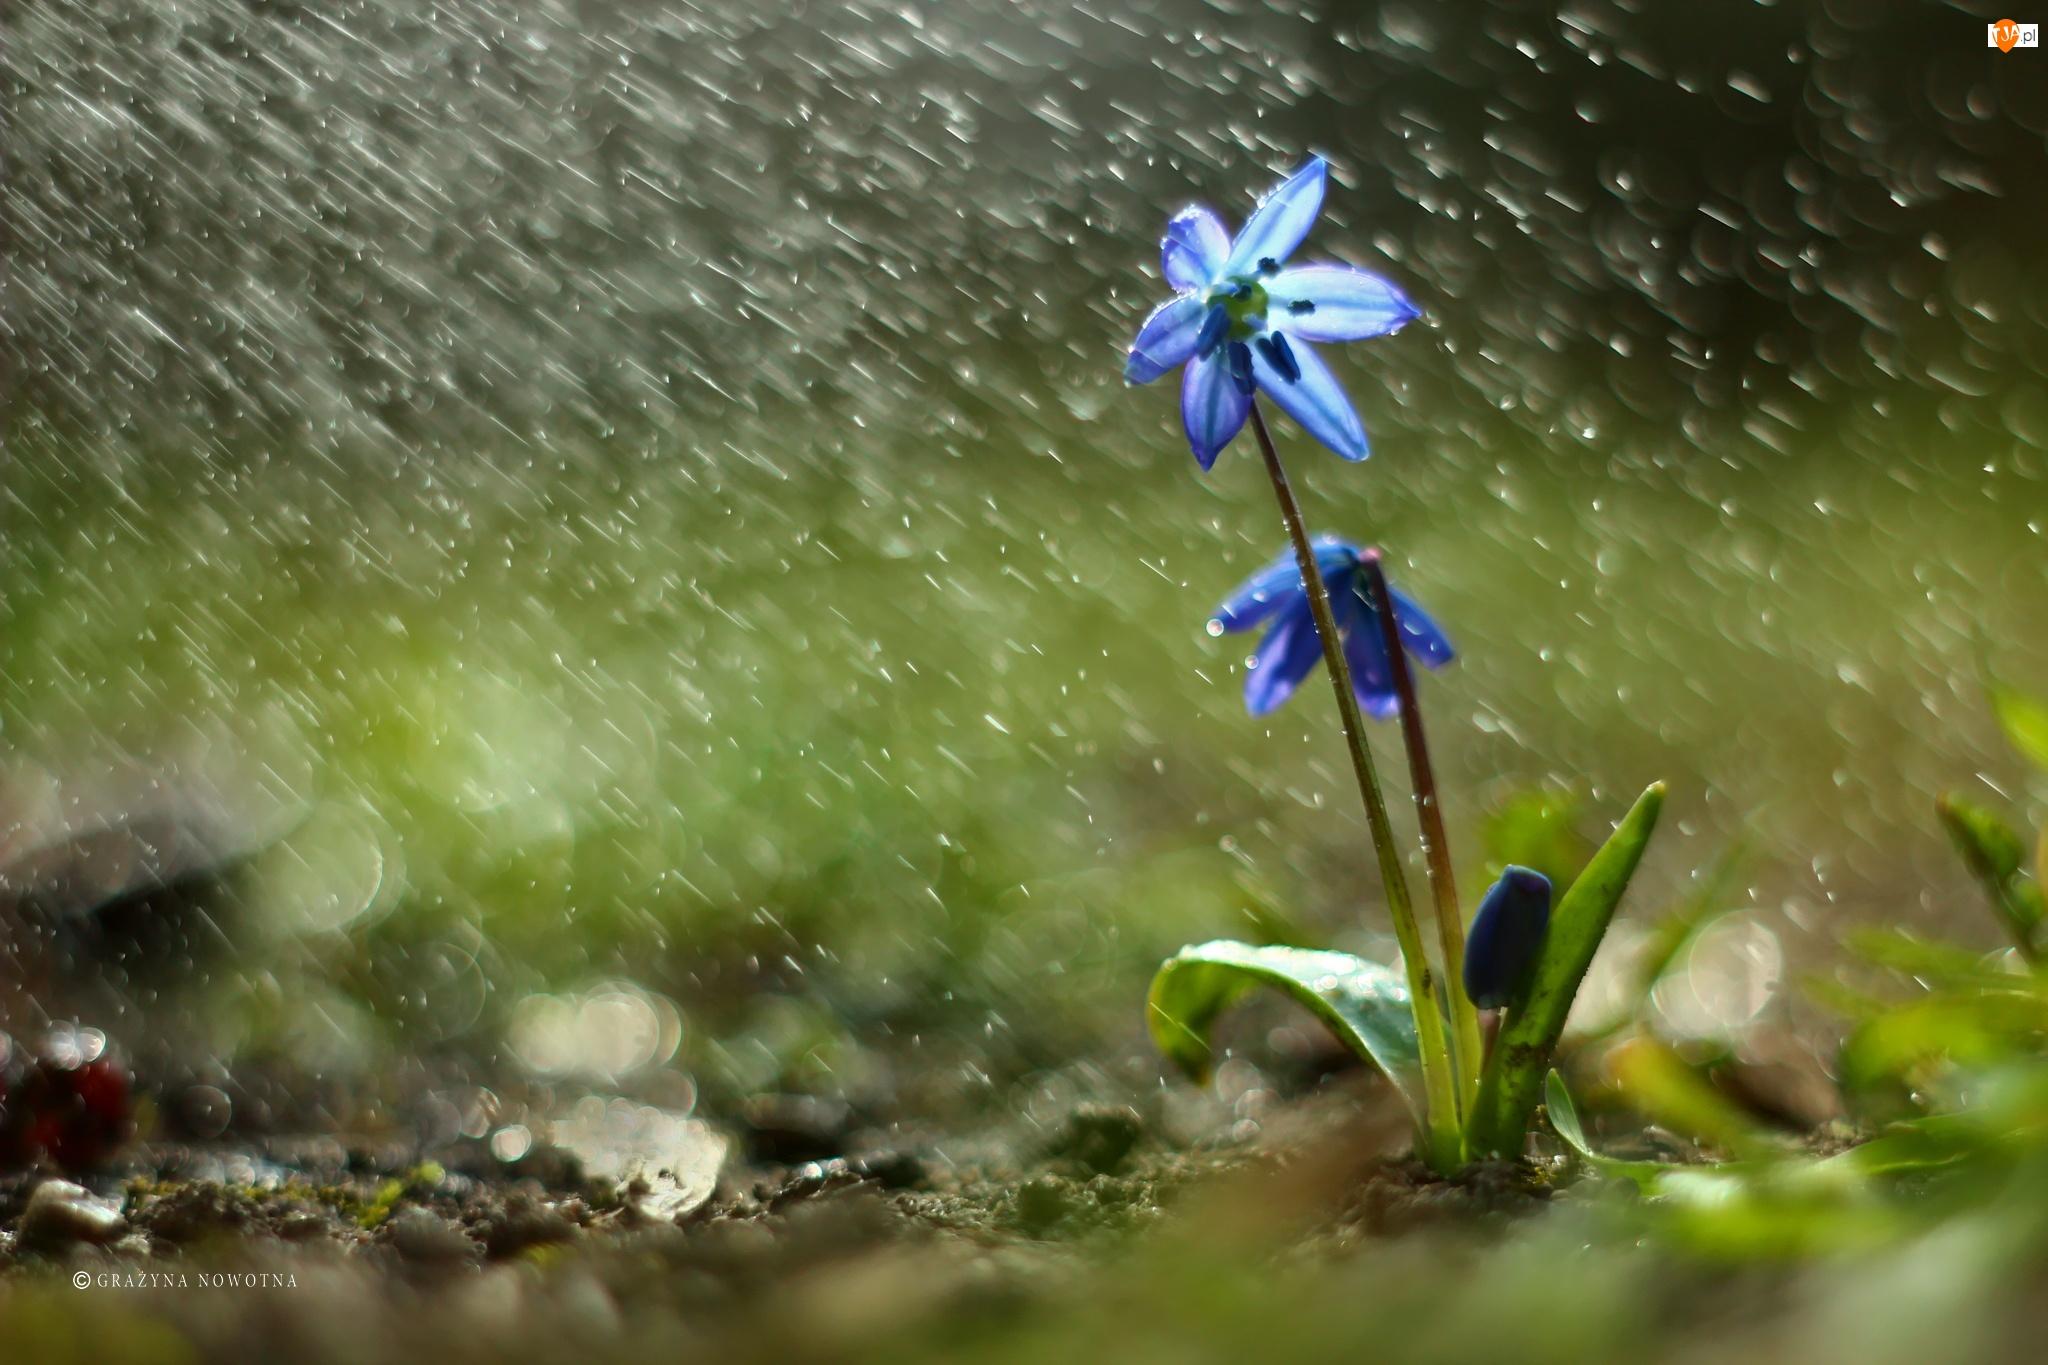 Cebulica Syberyjska, Deszcz, Niebieski, Kwiat